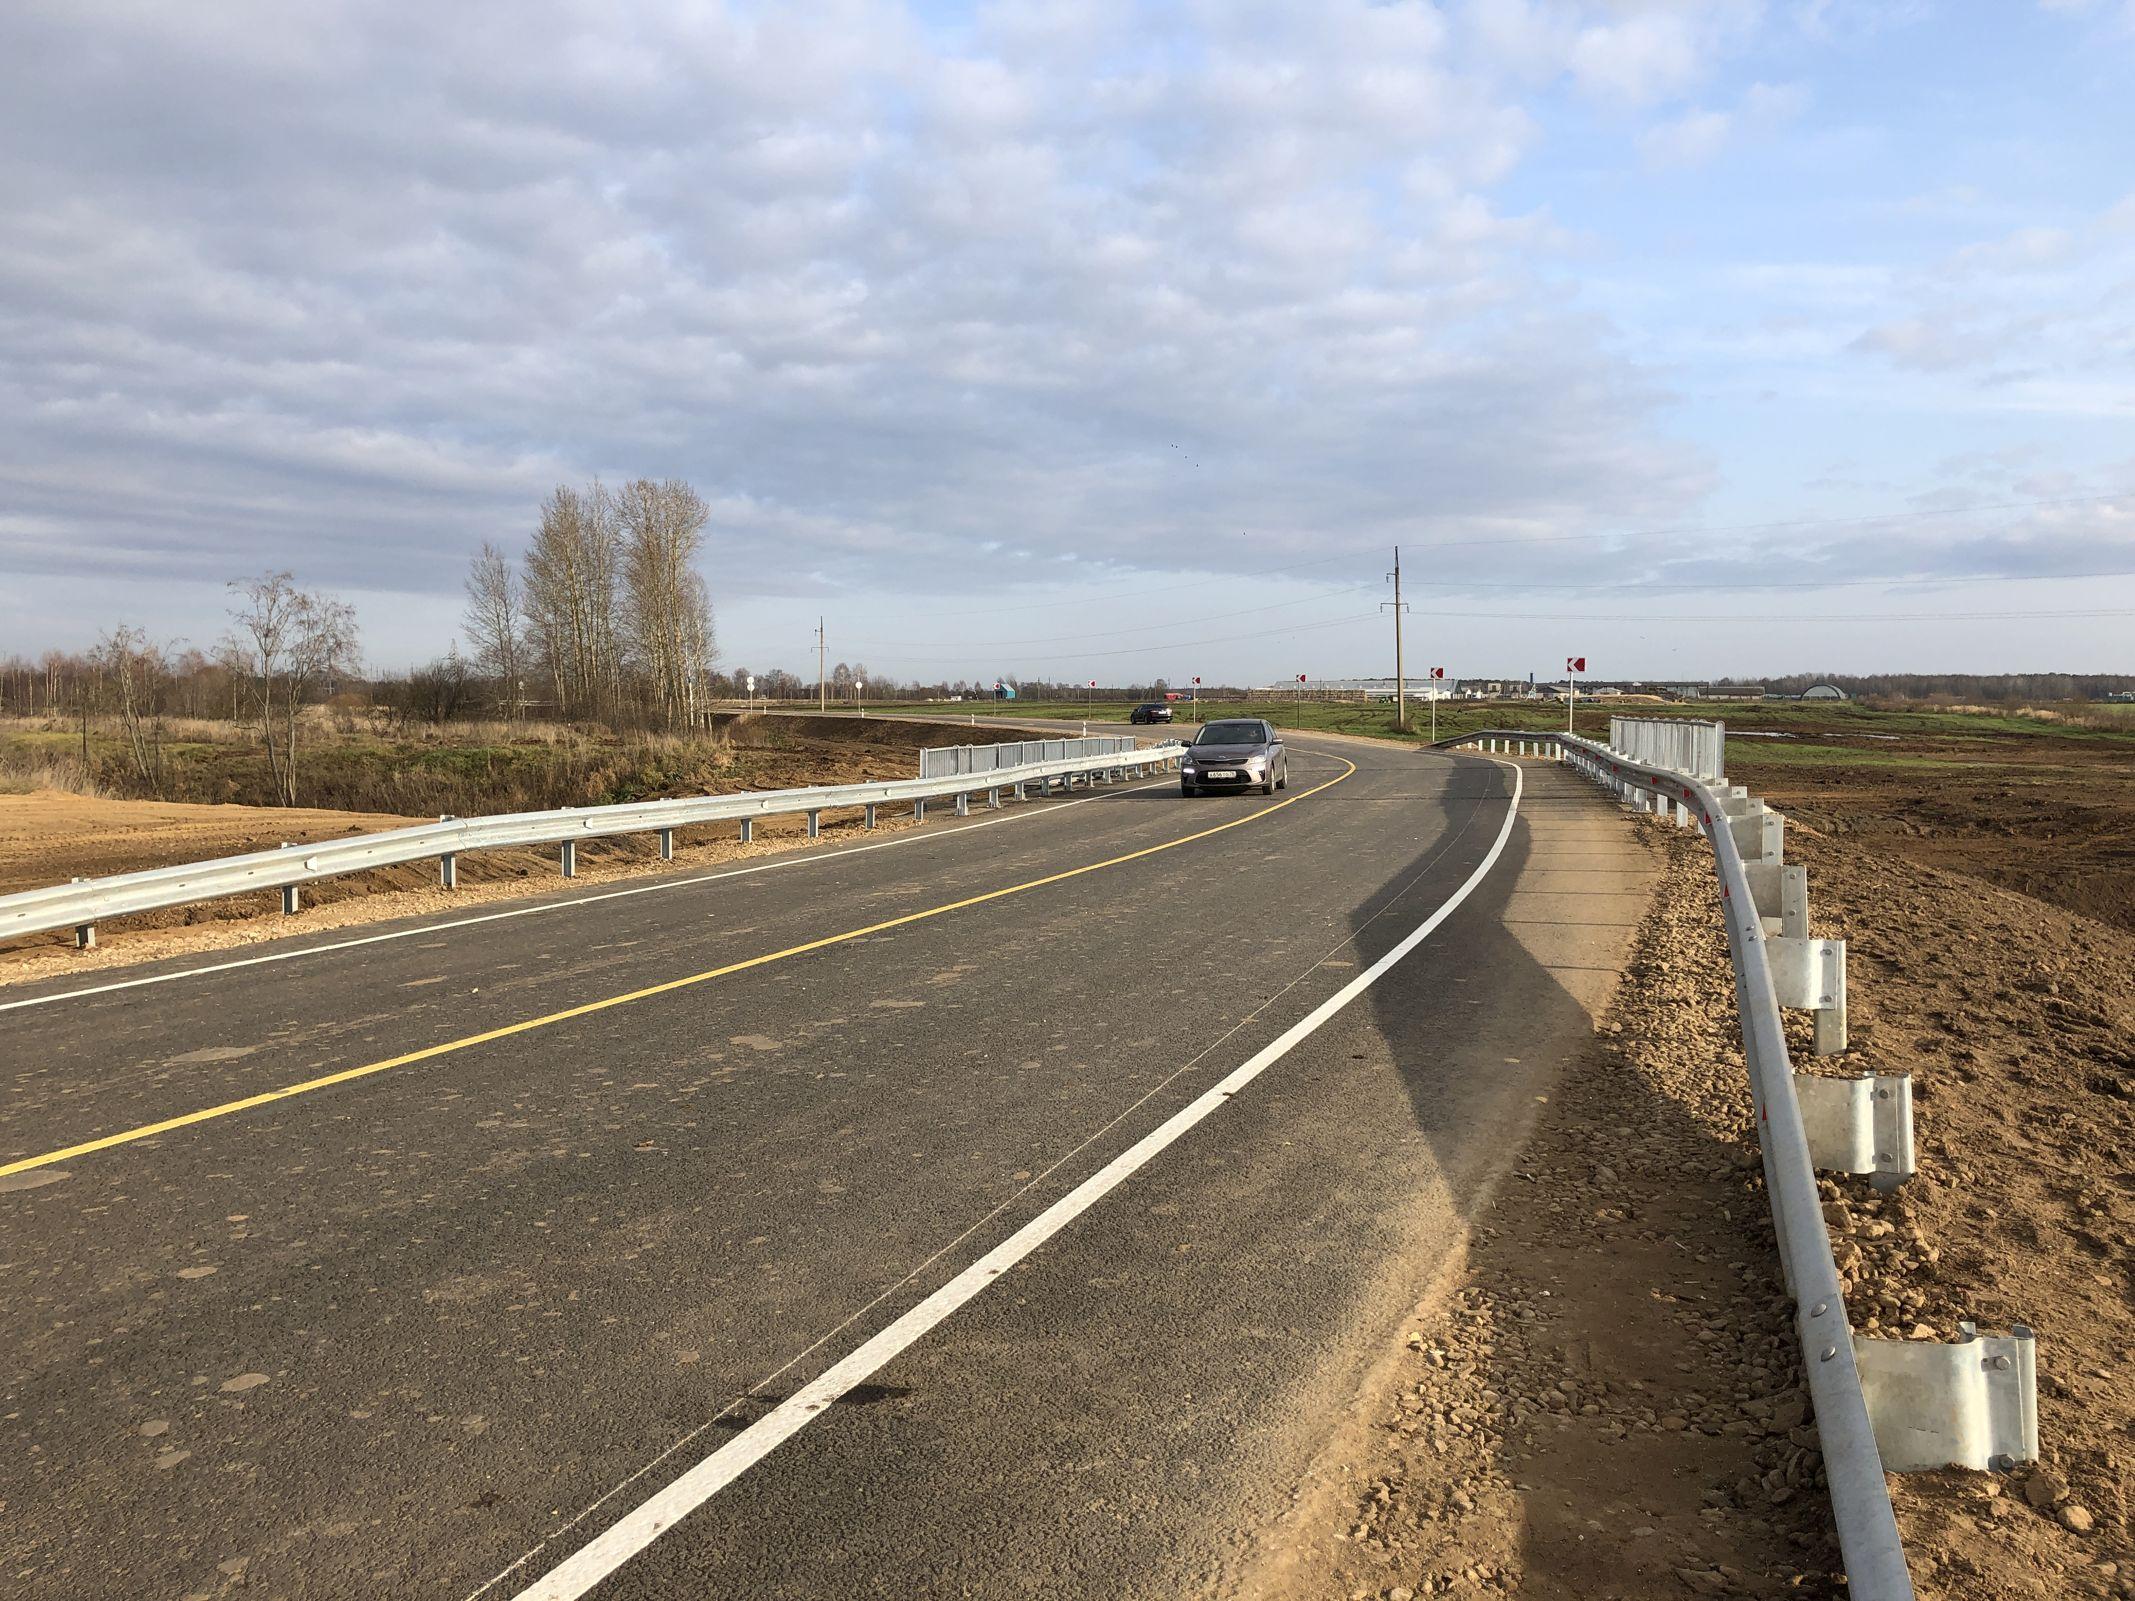 В Ростовском районе отремонтировали мост и участок дороги от Савинского